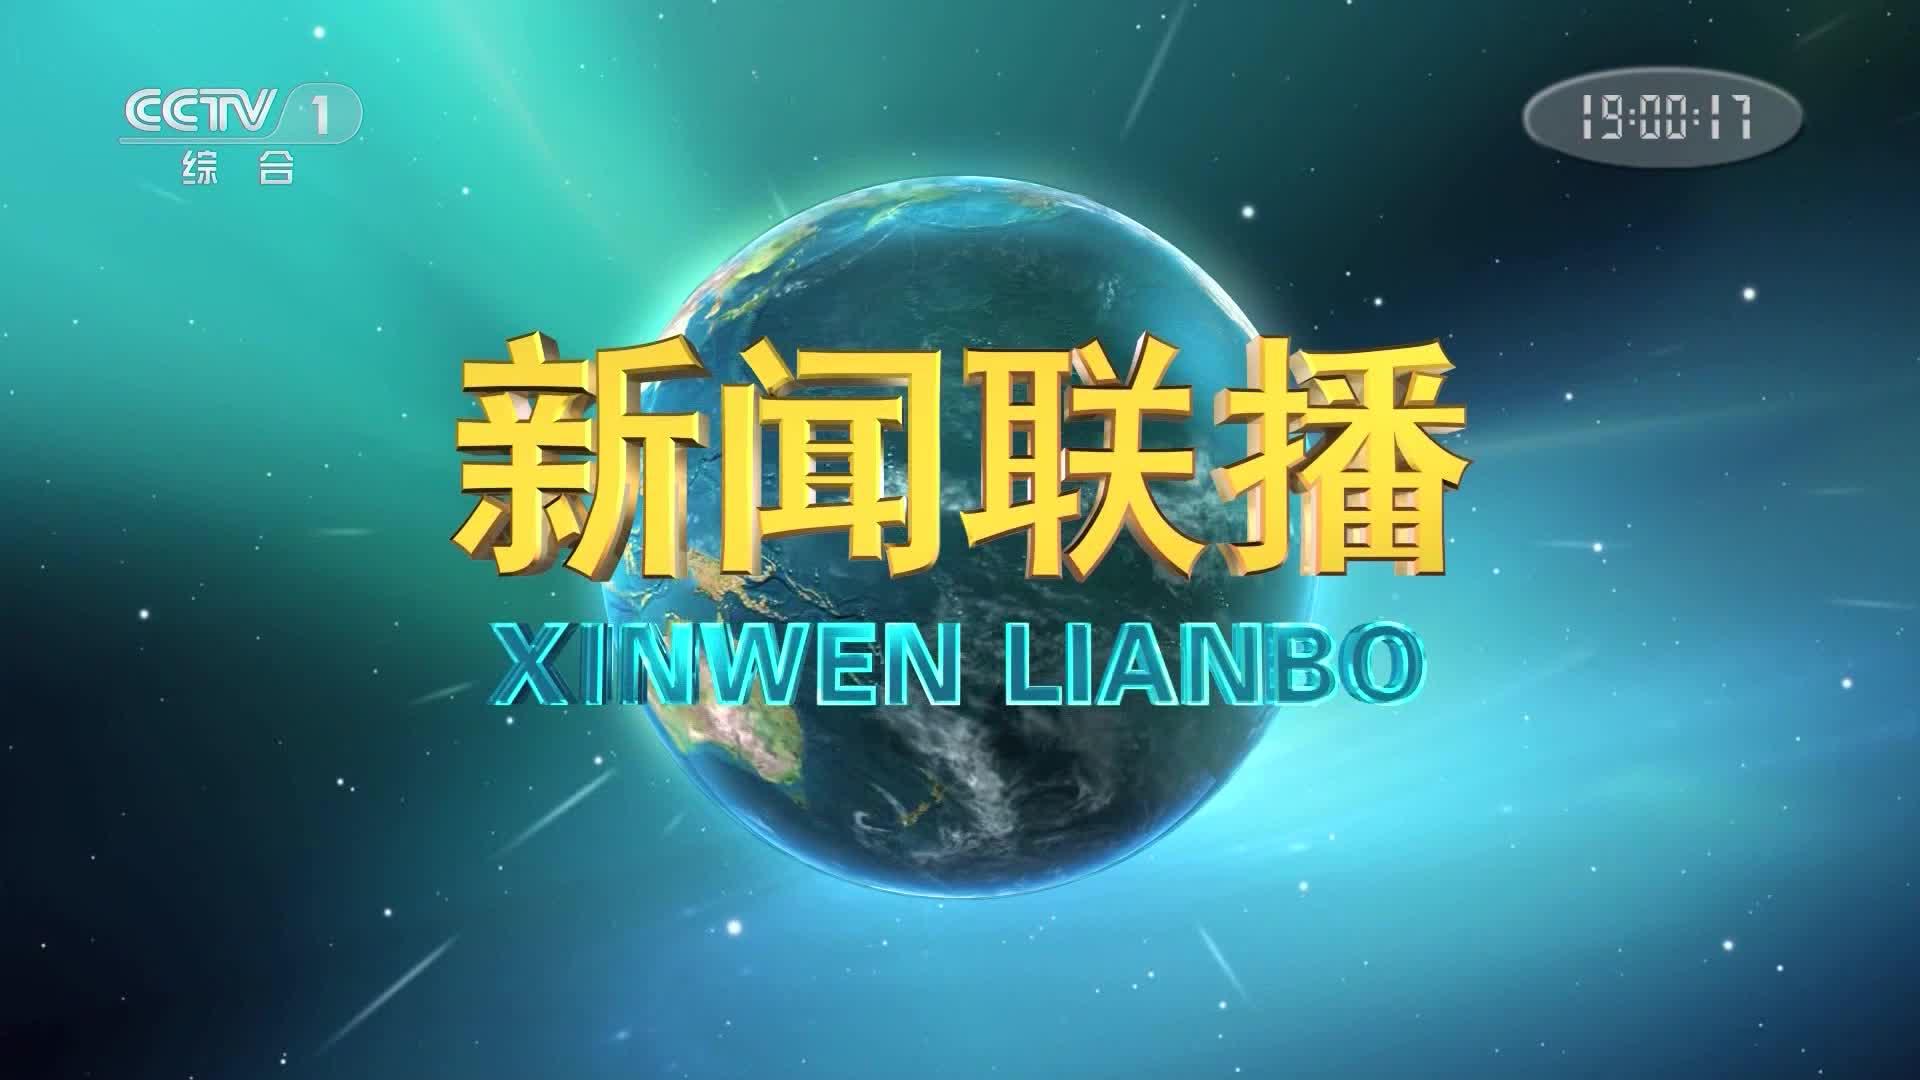 2021年01月31日中央新闻联播完整版